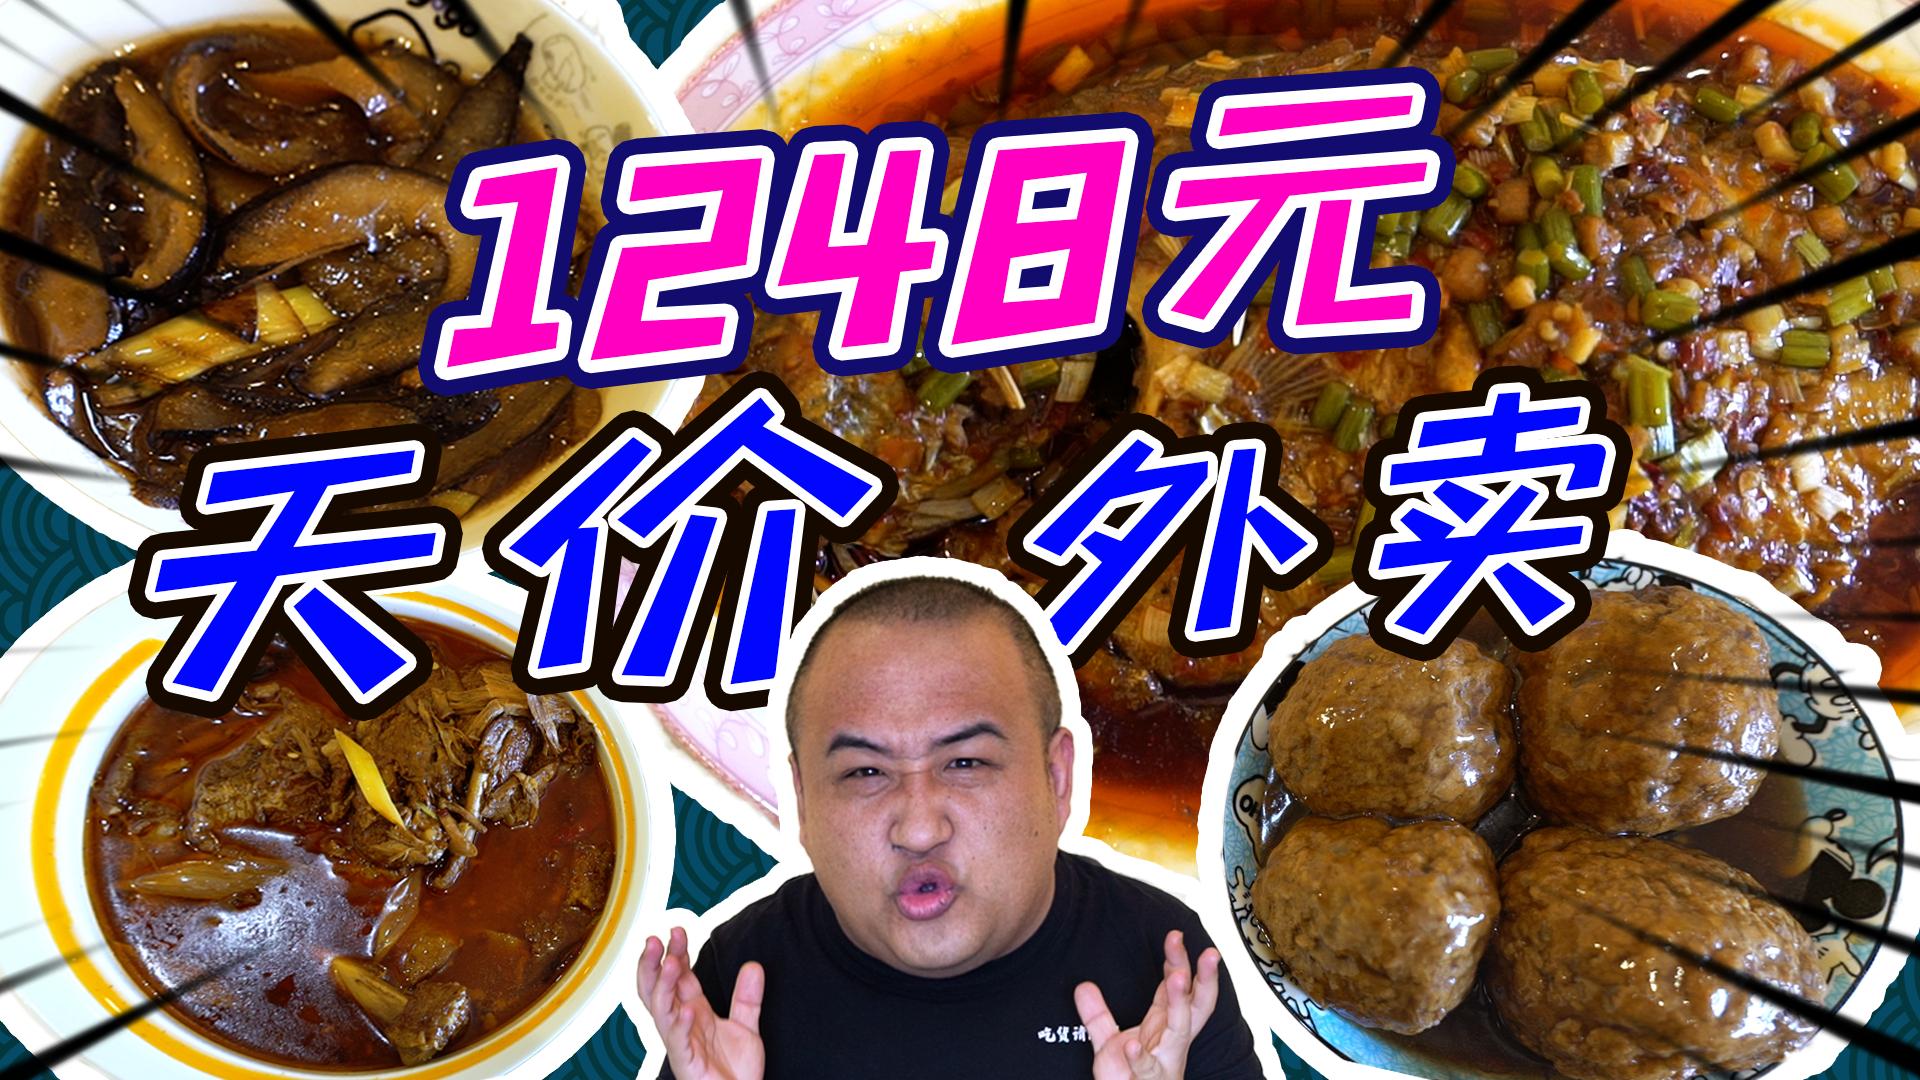 【吃货请闭眼】1248元点份天价外卖?每口都是金钱的味道!将军鸡葱烧海参全是各地名菜!